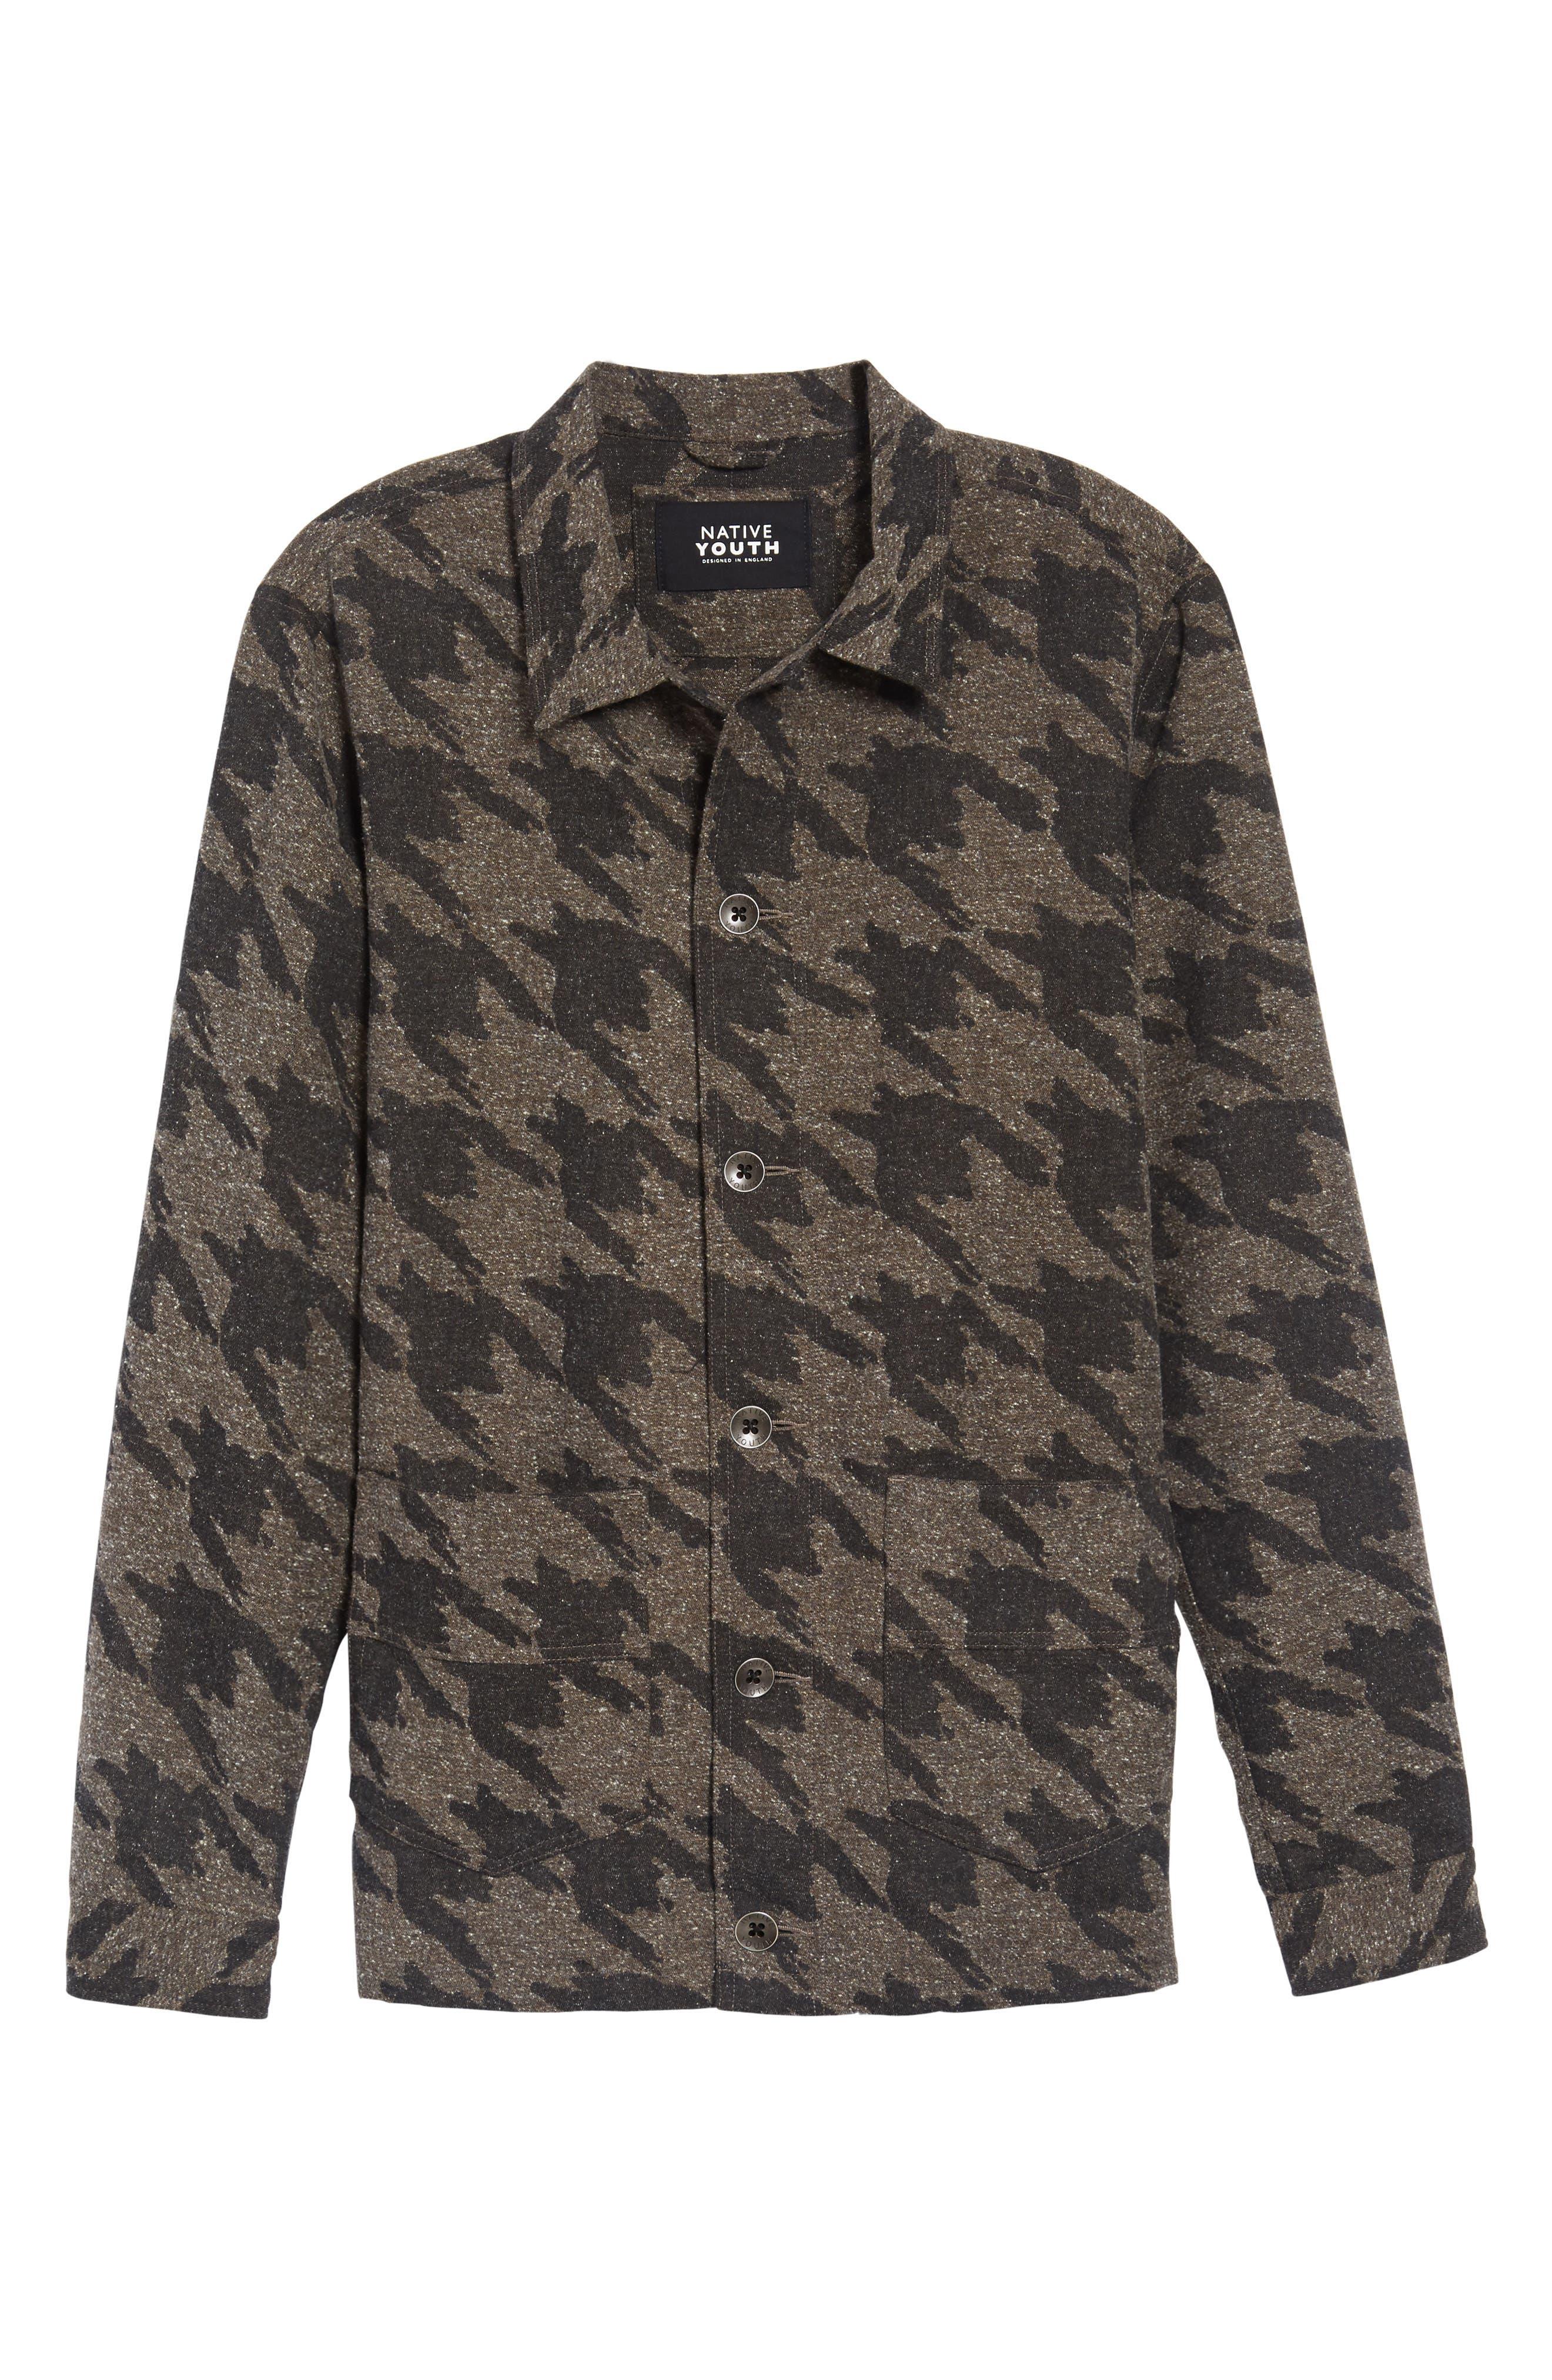 Lynx Shirt Jacket,                             Alternate thumbnail 5, color,                             023